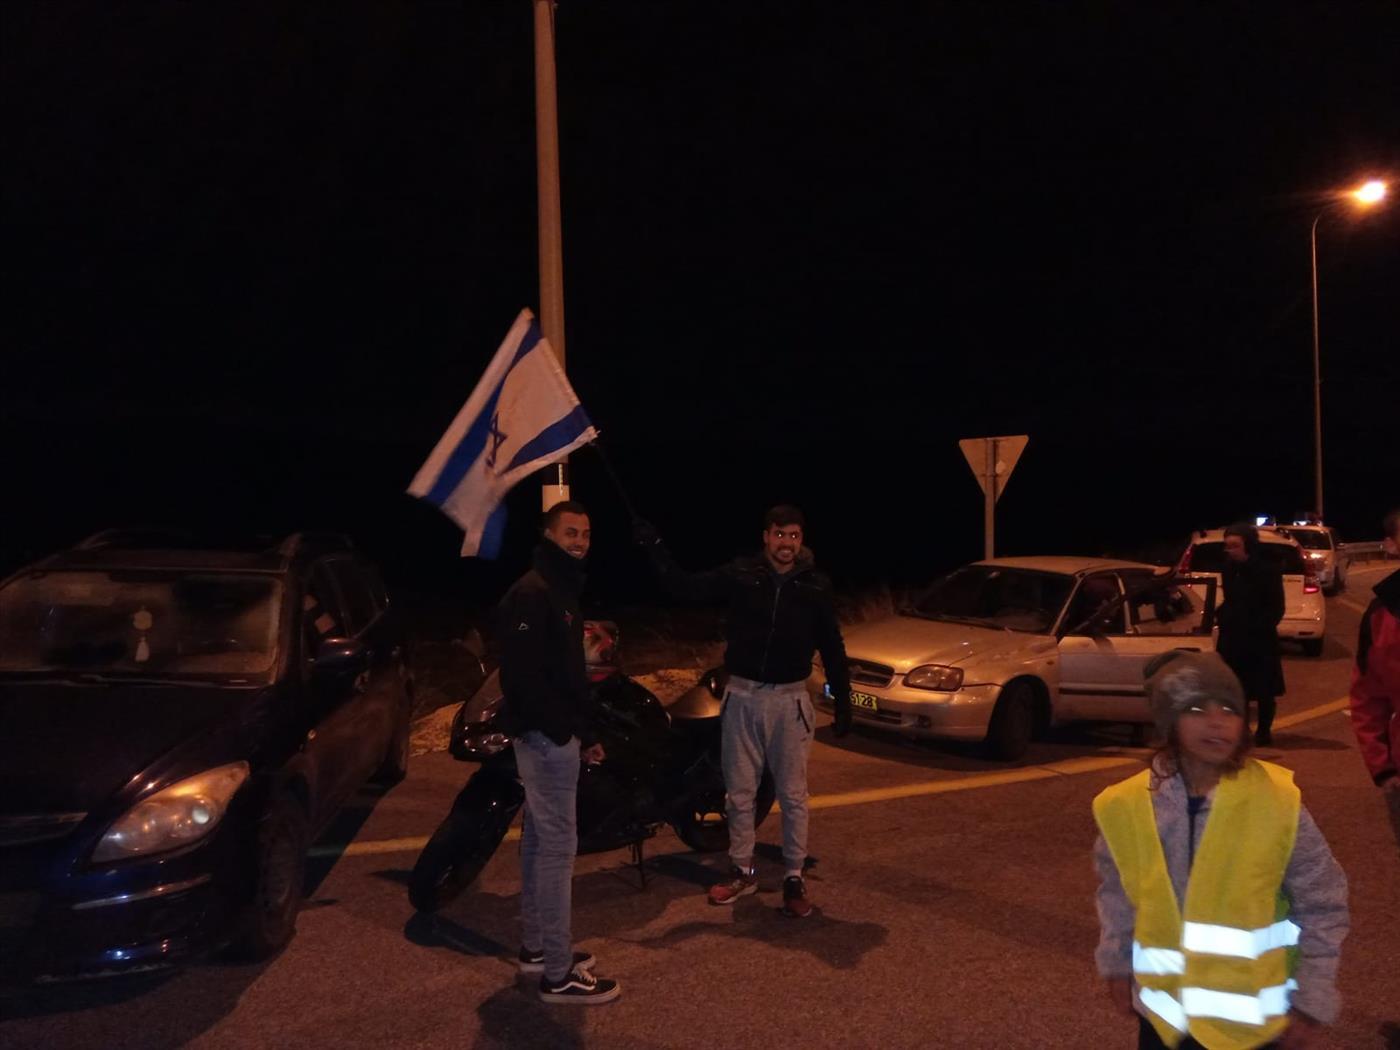 הפגנה בצומת מעלה לבונה